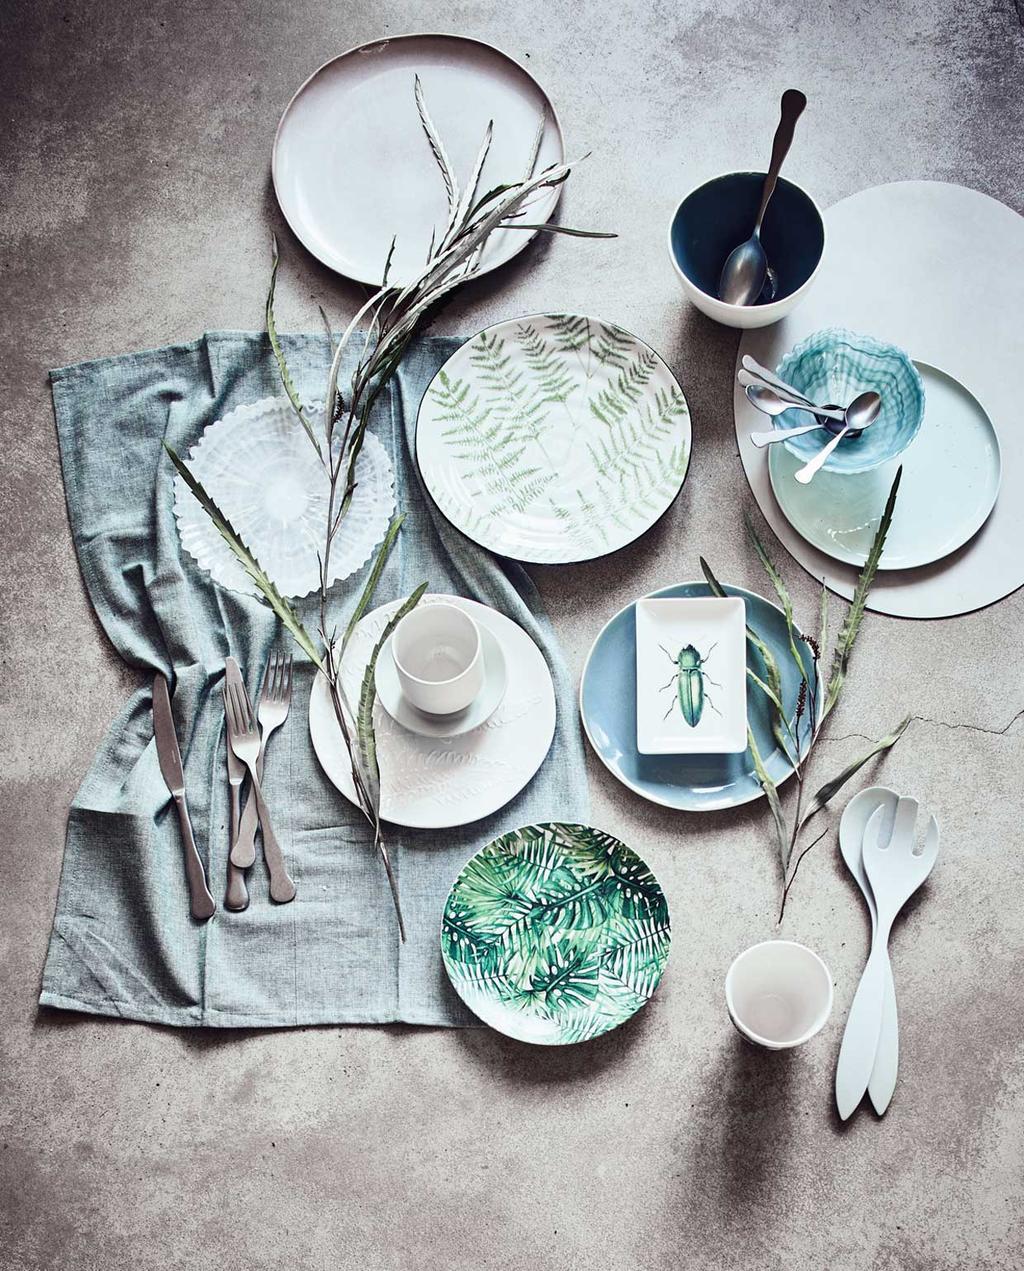 vtwonen | blauw servies en borden met palmprint